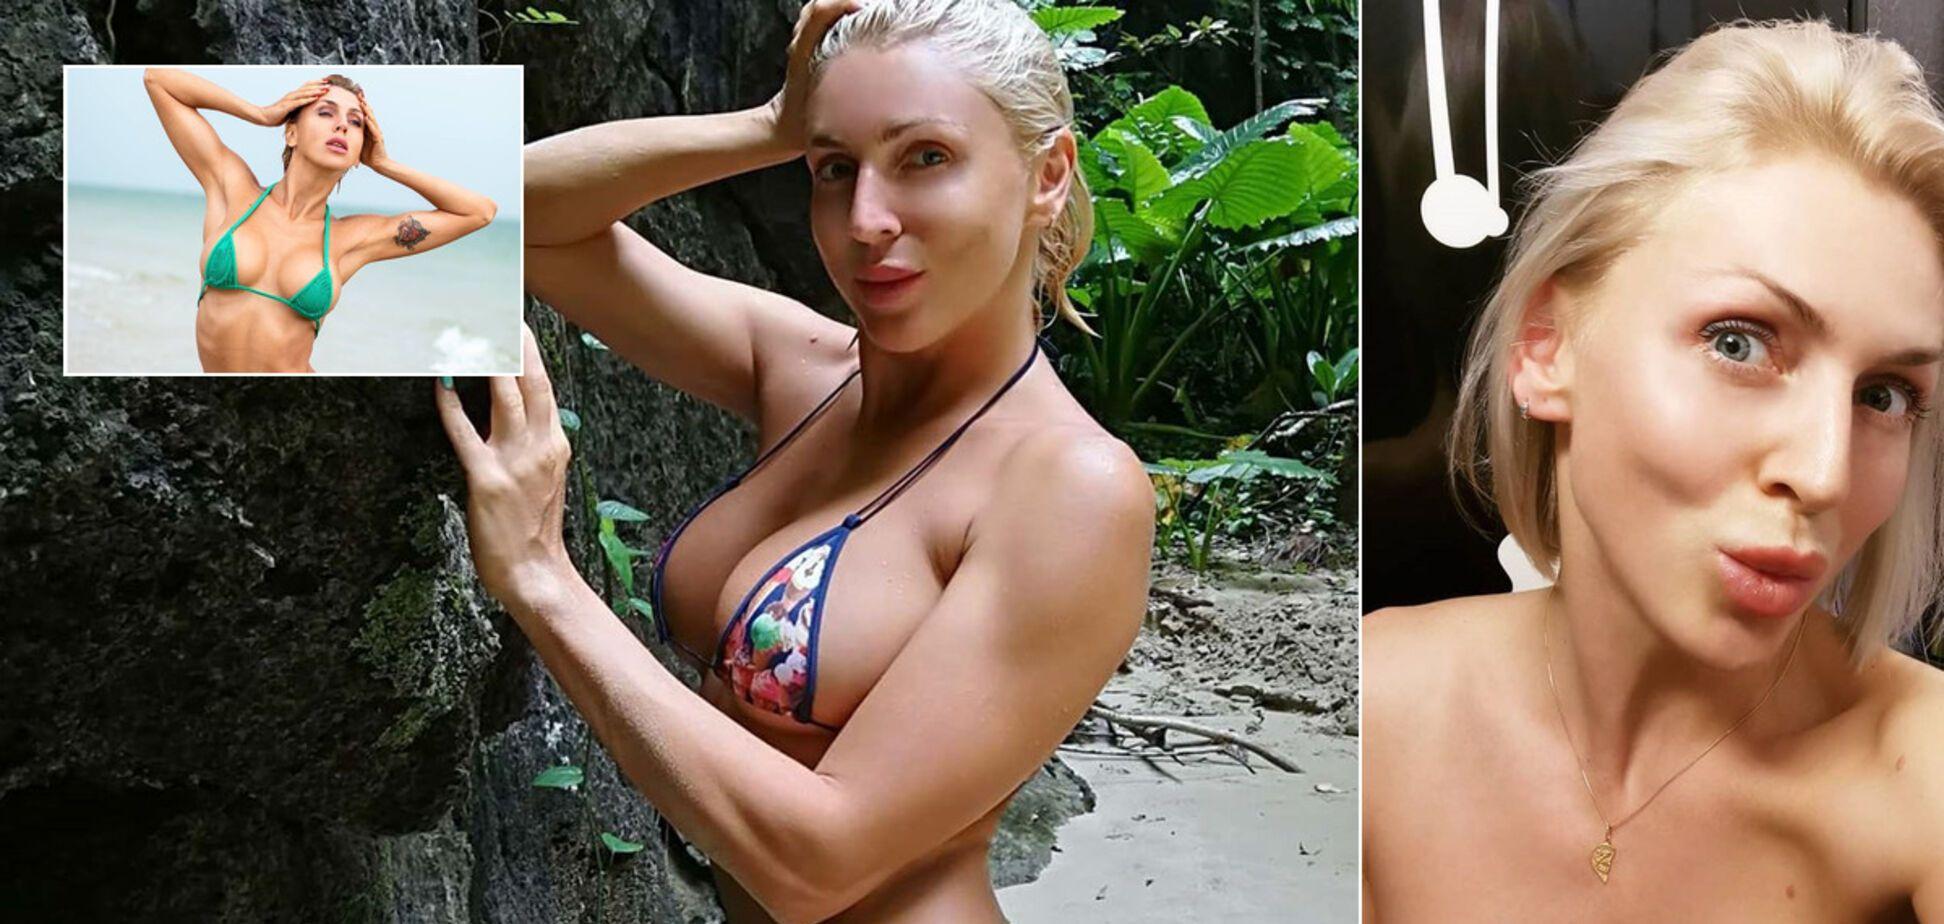 Украинская фитнес-модель Татьяна Федосеева похвасталась своей обнаженкой